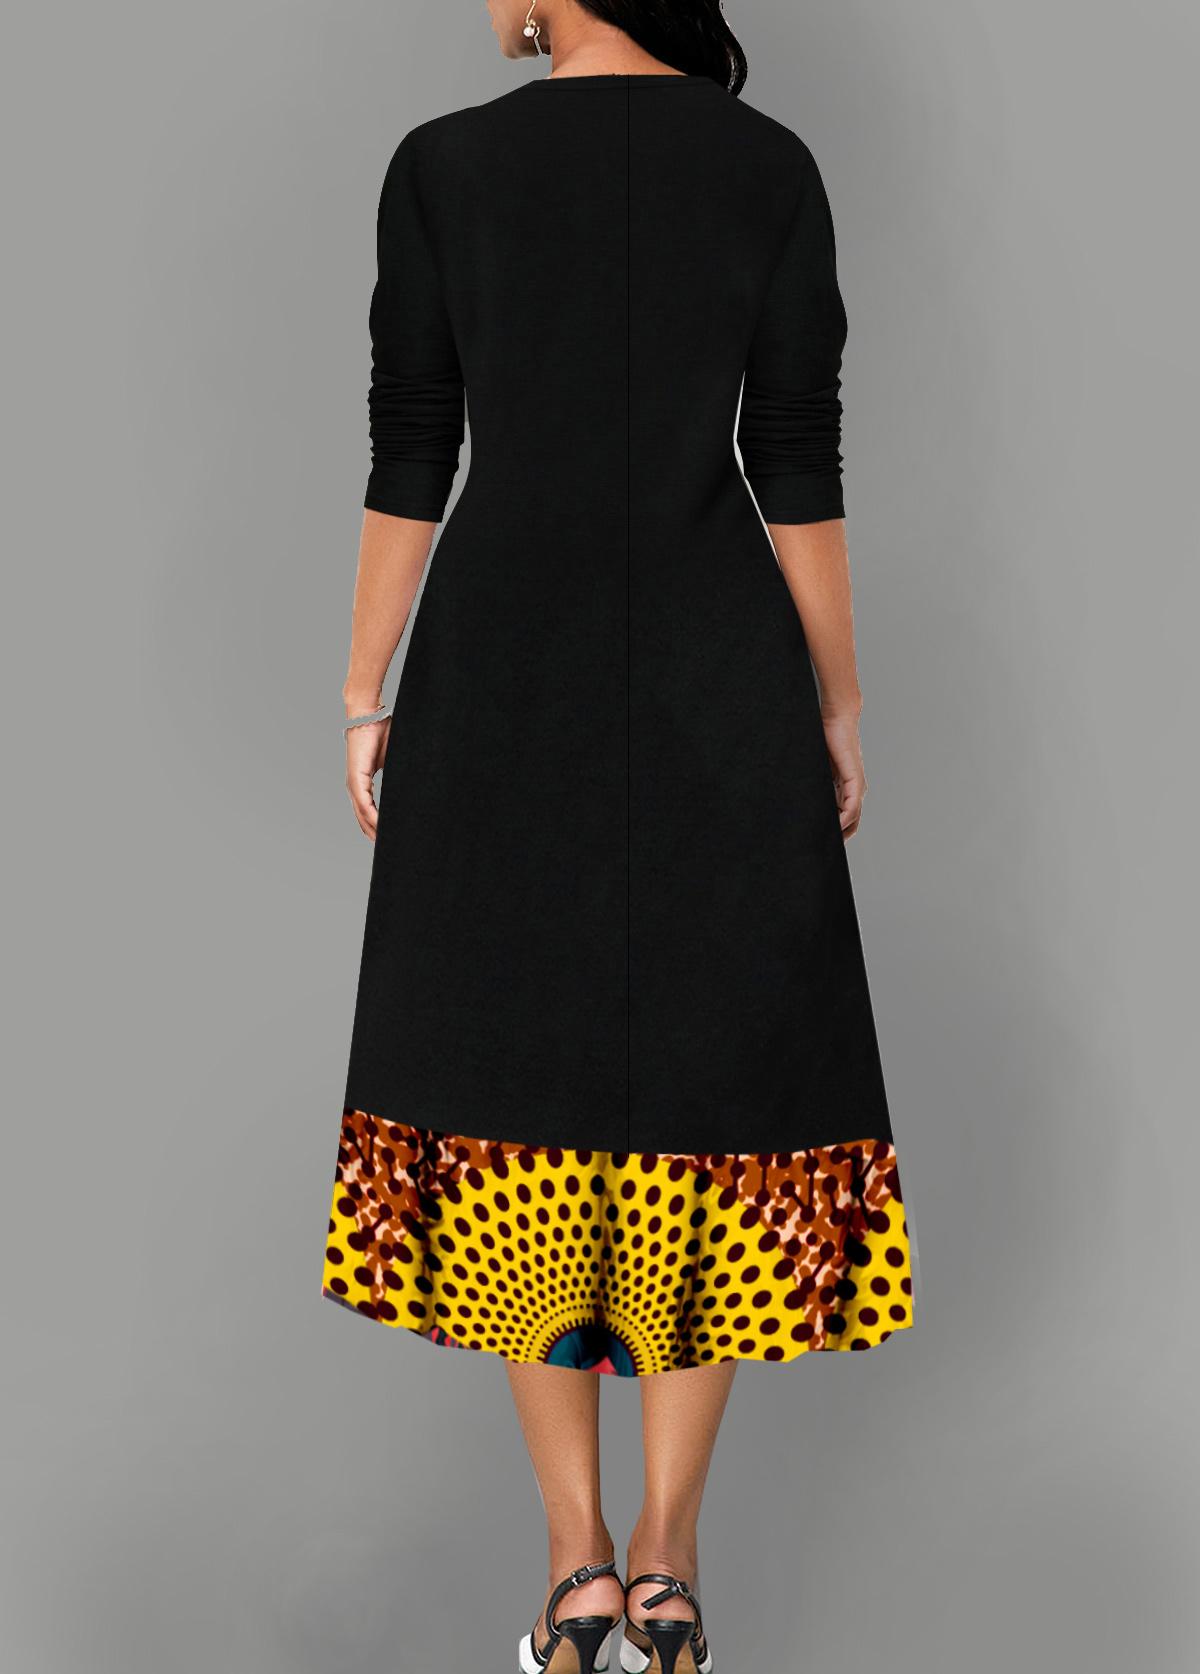 Polka Dot Decorative Button Long Sleeve V Neck Dress